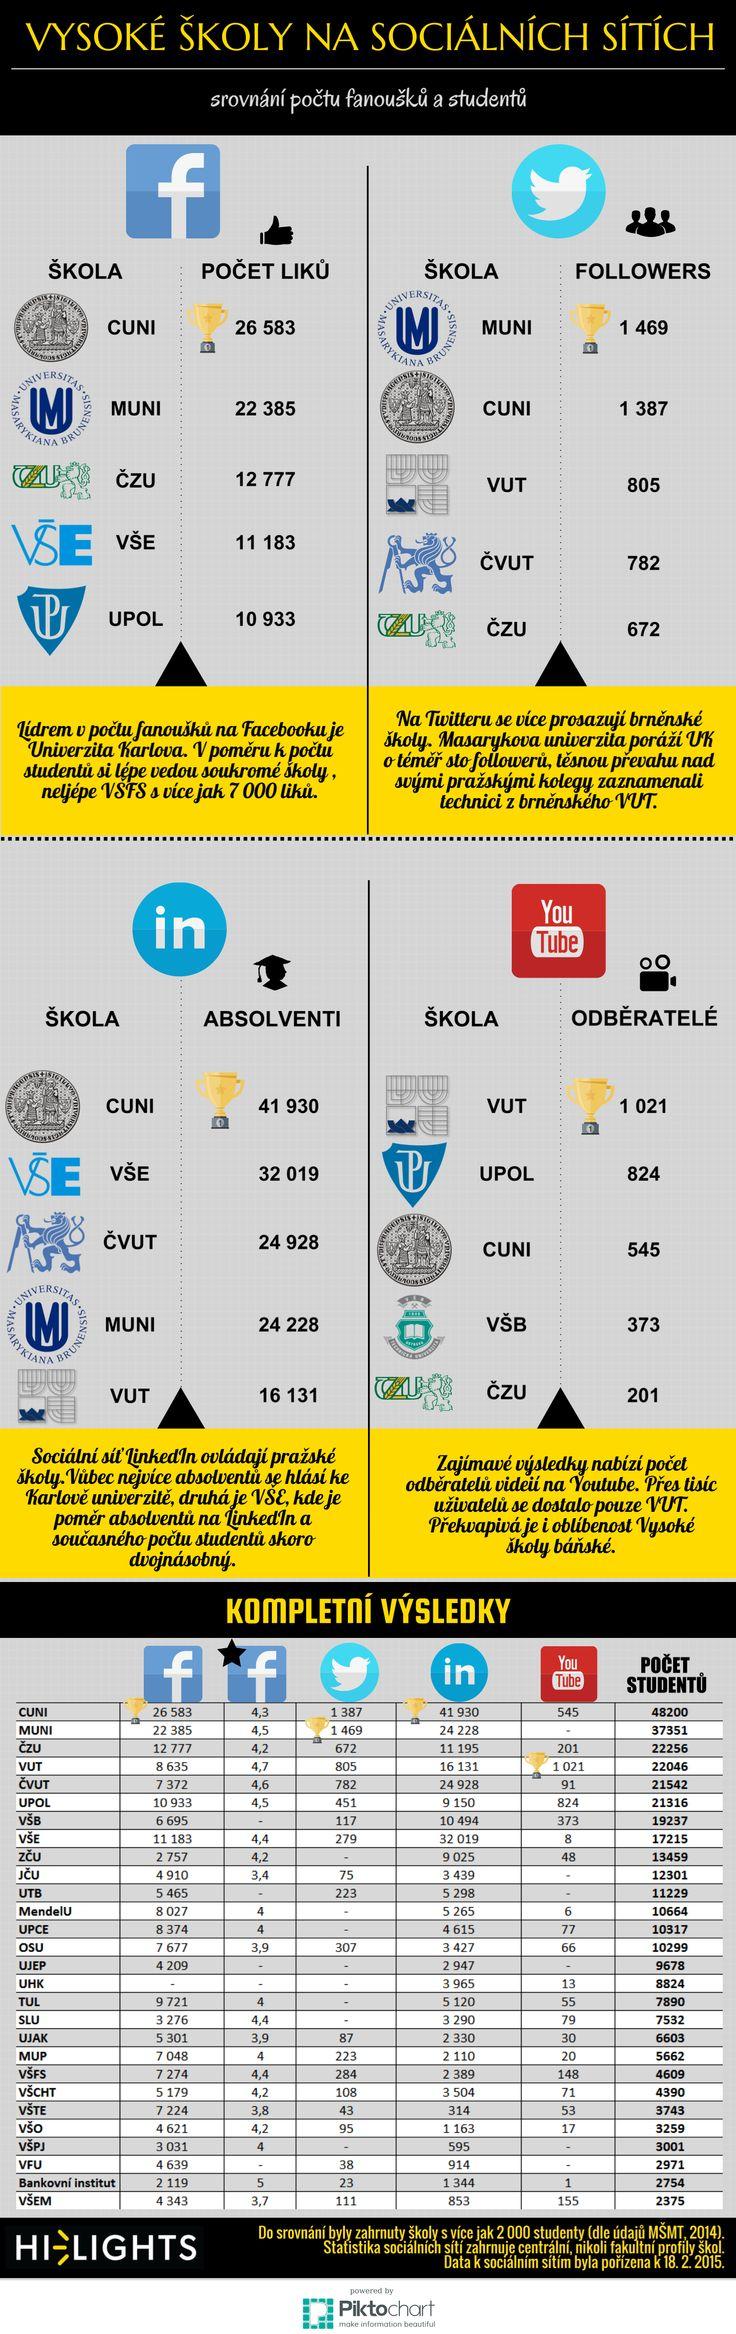 Infografika srovnávající úspěšnost českých vysokých škol na sociálních sítích a zohledňující i počet studentů - aktualizovaná verze ZDE: https://www.pinterest.com/pin/542824561312291545/